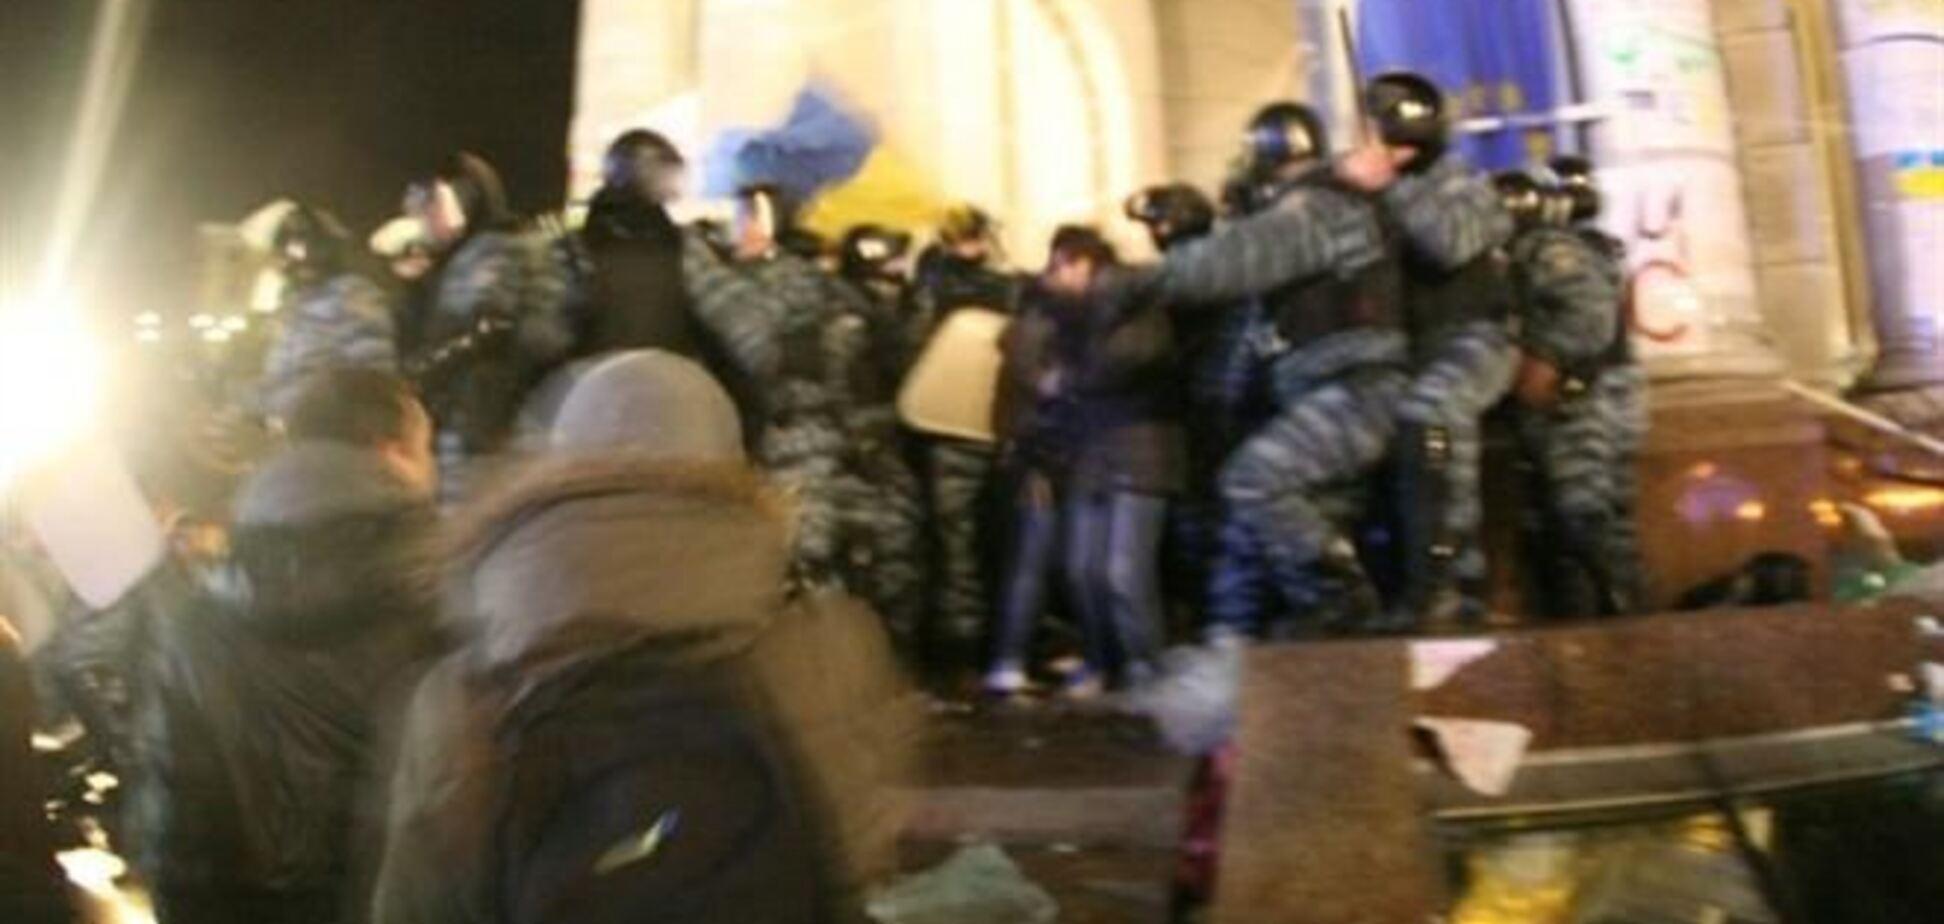 Задержанных евромайдановцев отпускают из милиции